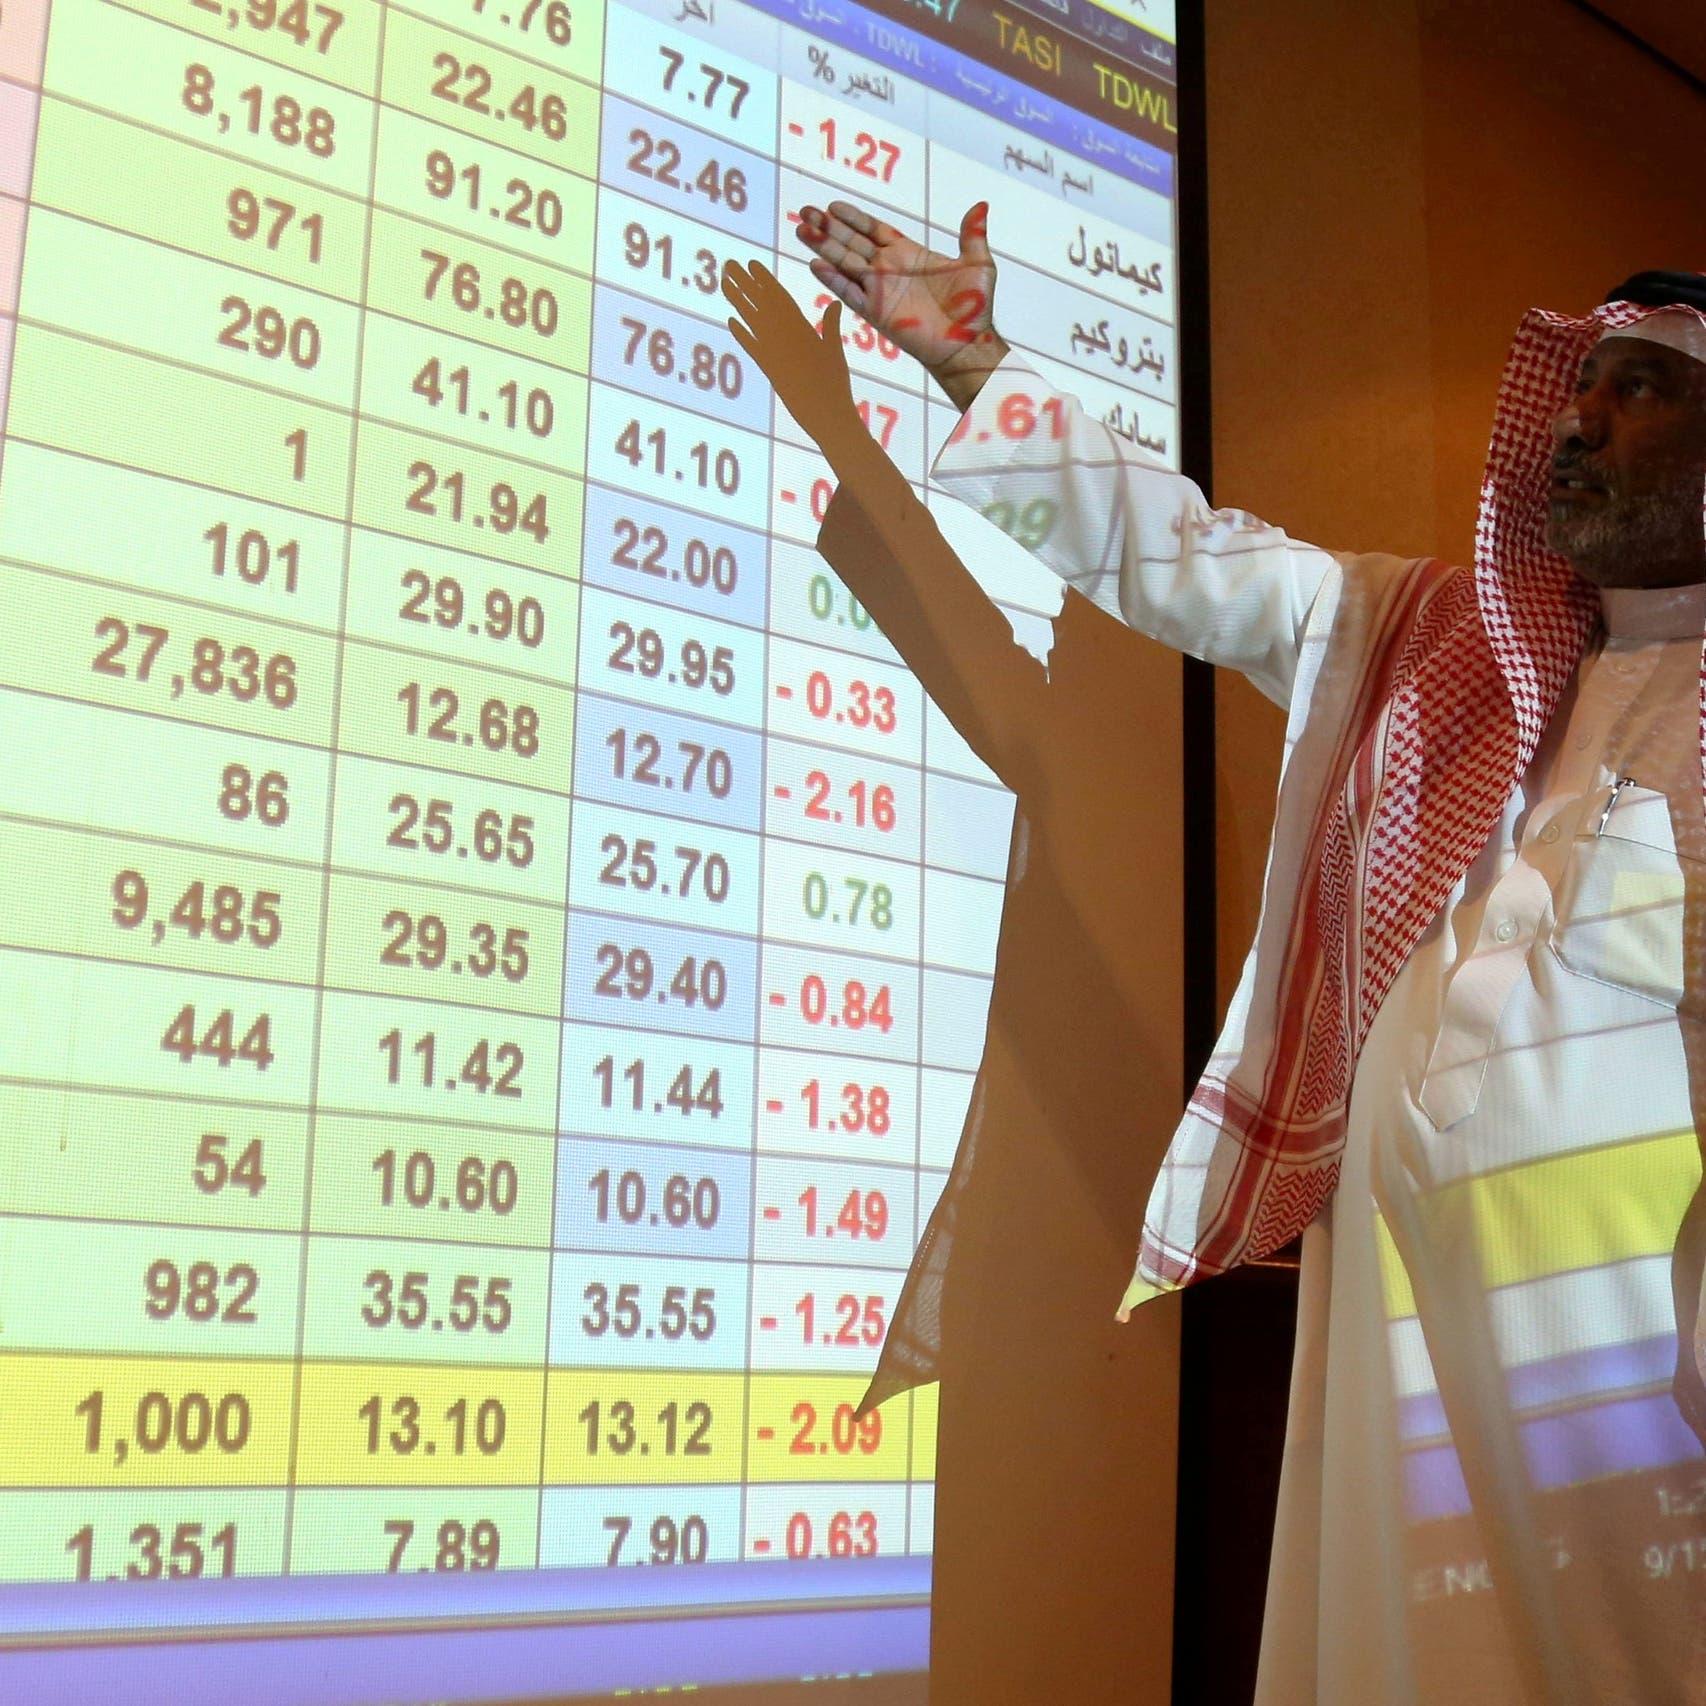 شركة خاسرة تخطف الأضواء من نجوم الأسهم السعودية